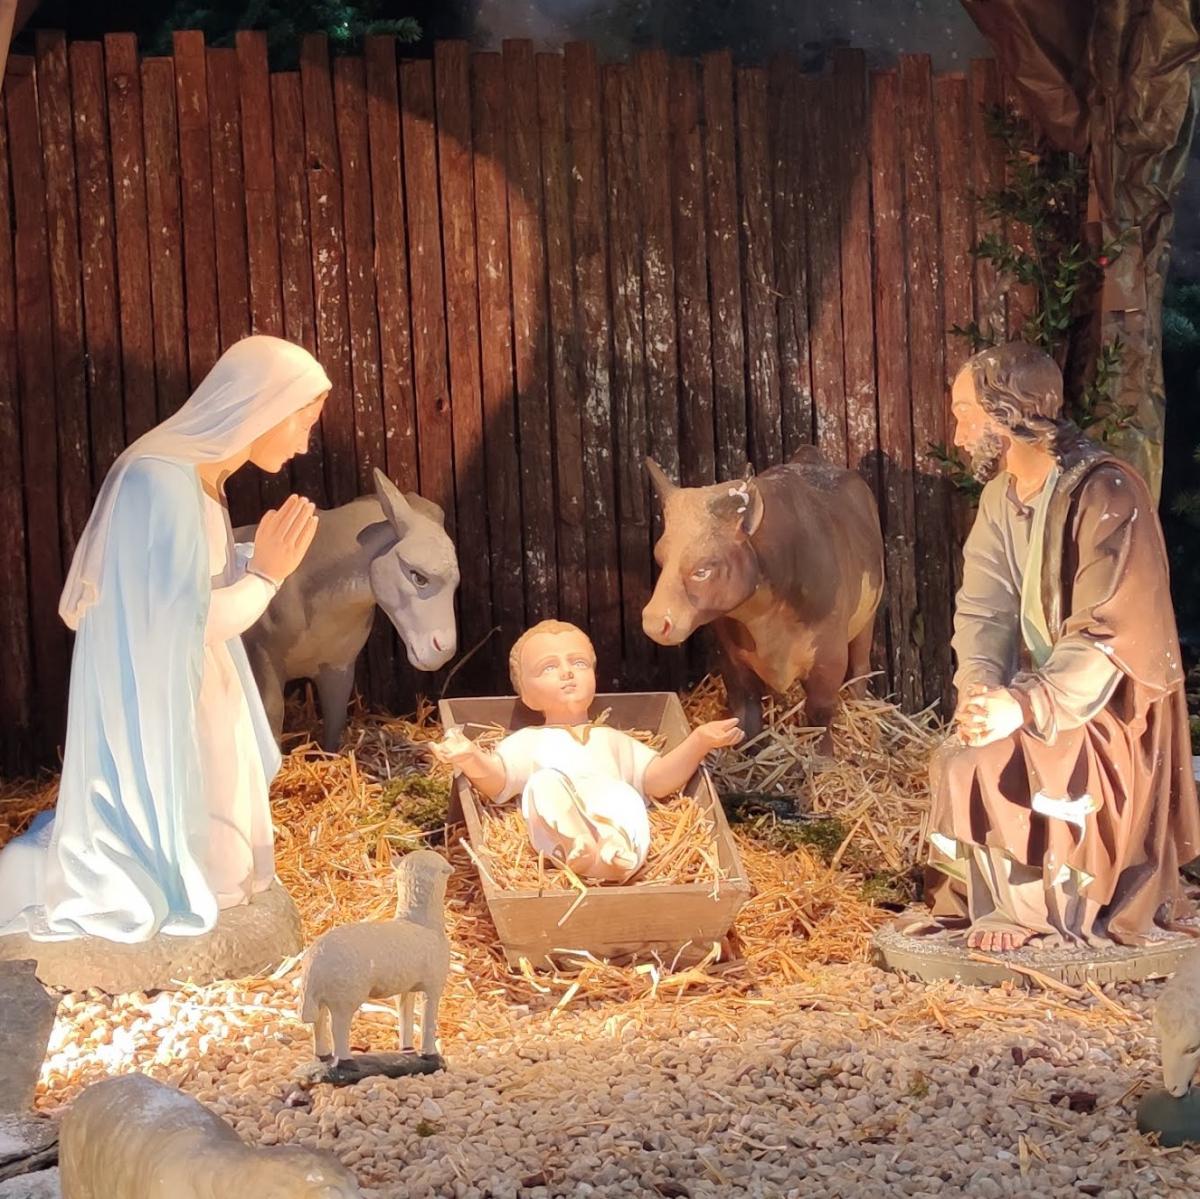 Homélie du dimanche 27 décembre 2020 (Sainte Famille) par l'abbé A M Robineau